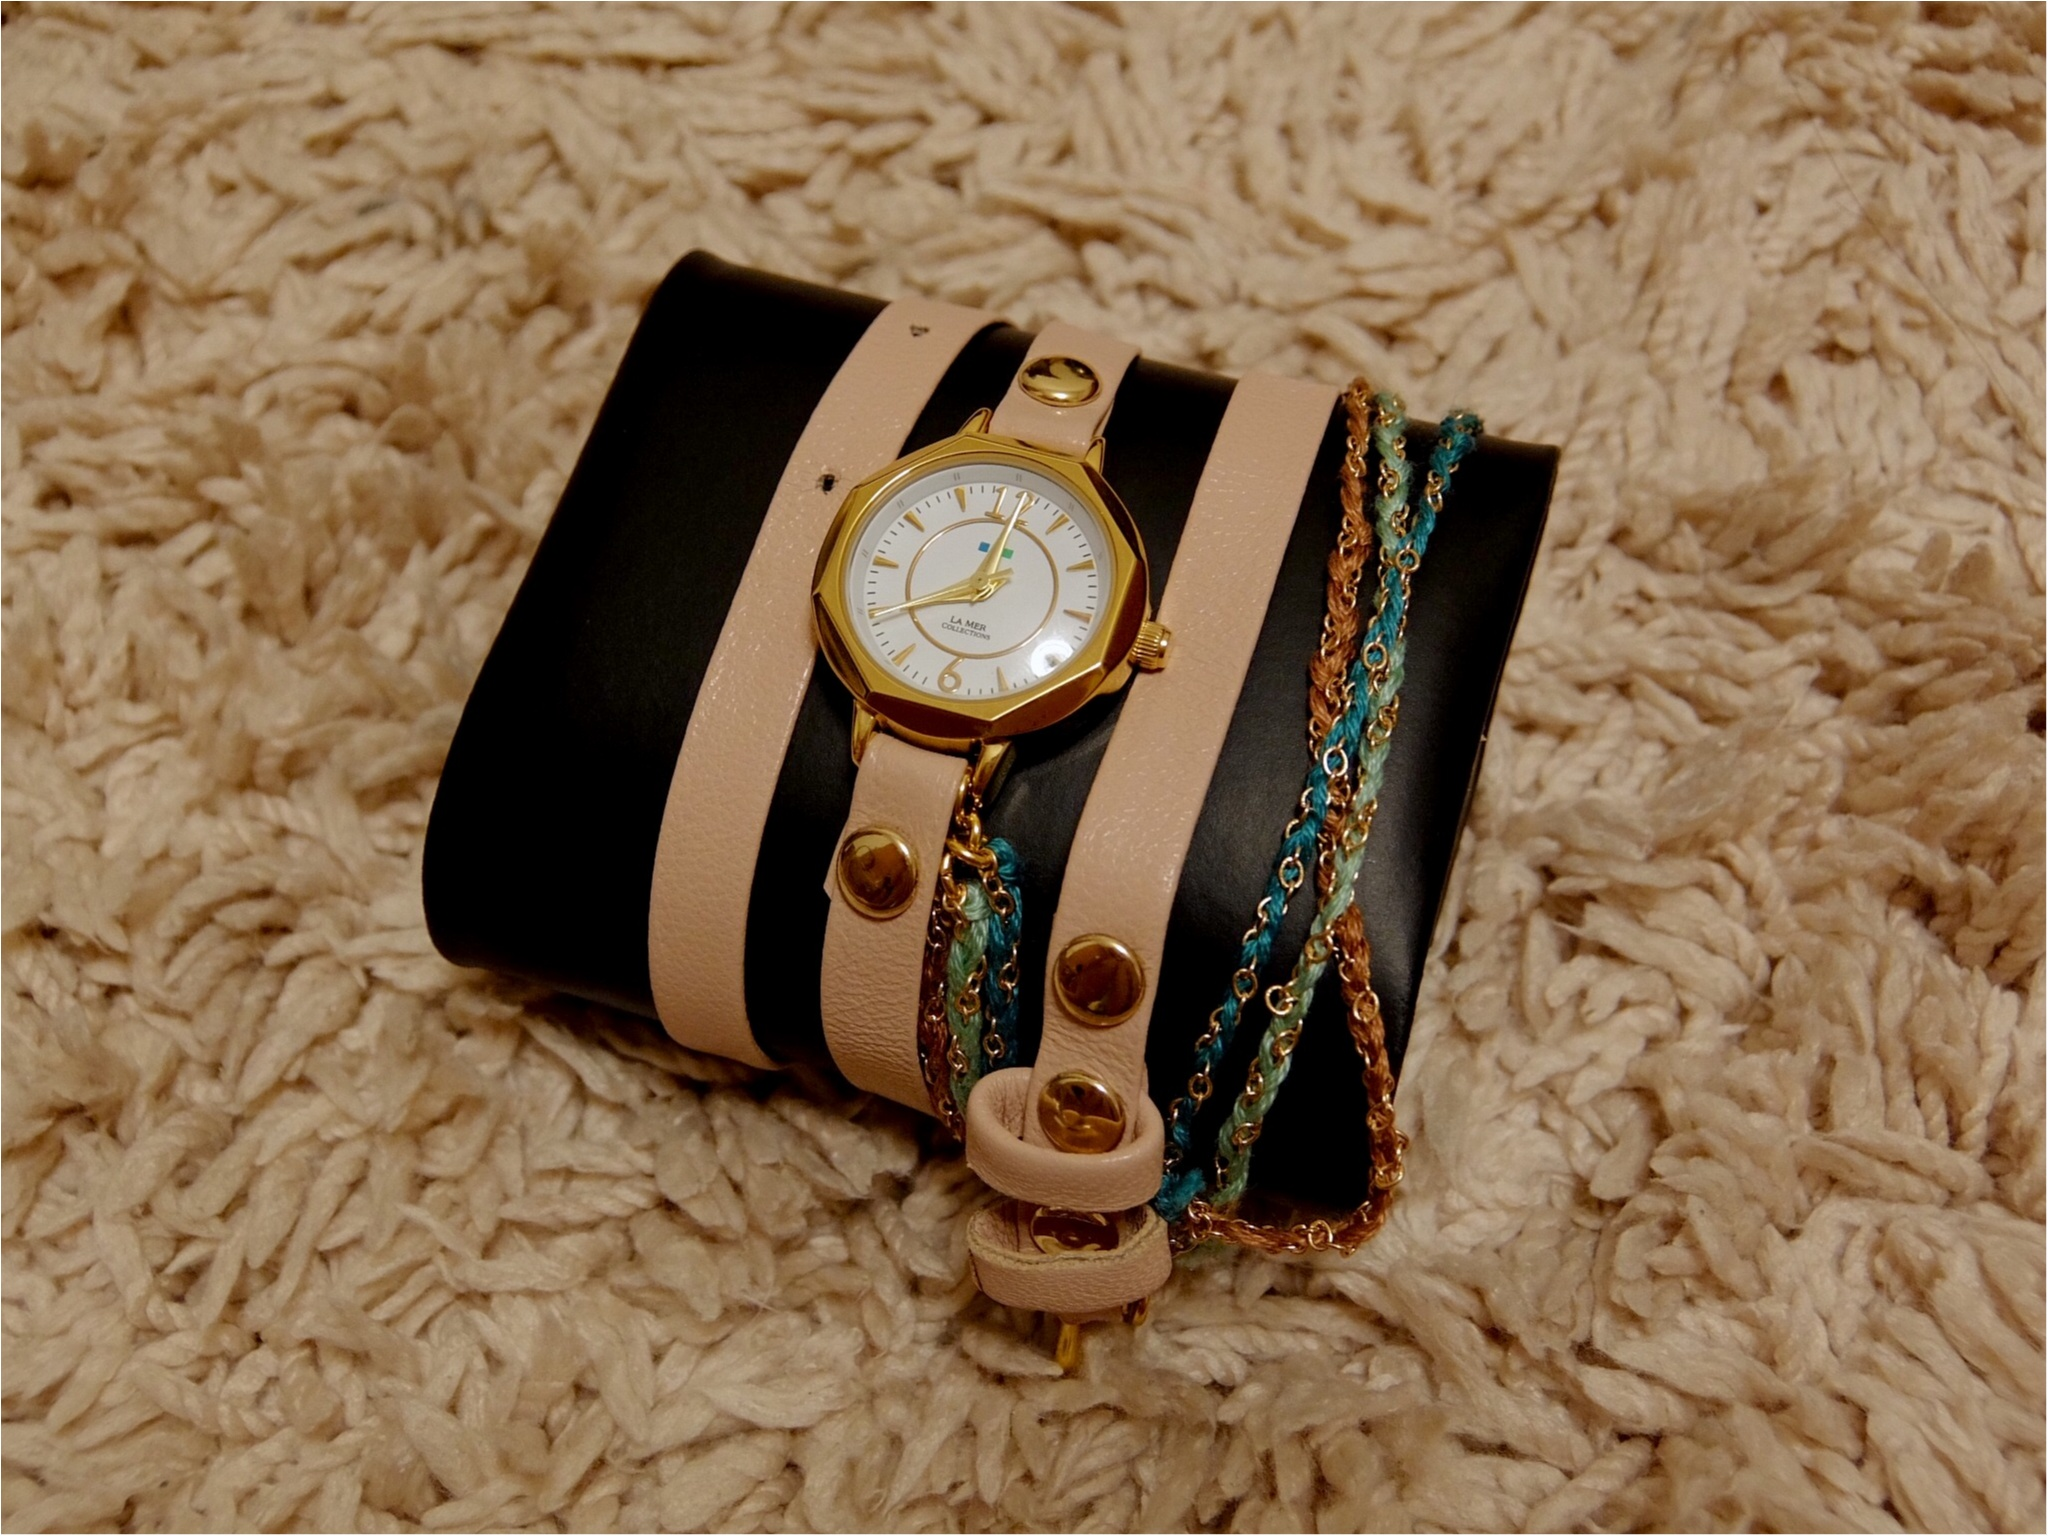 カジュアル好きにはたまらない♡【ラ・メール コレクションズ】の腕時計を買っちゃいました!_2